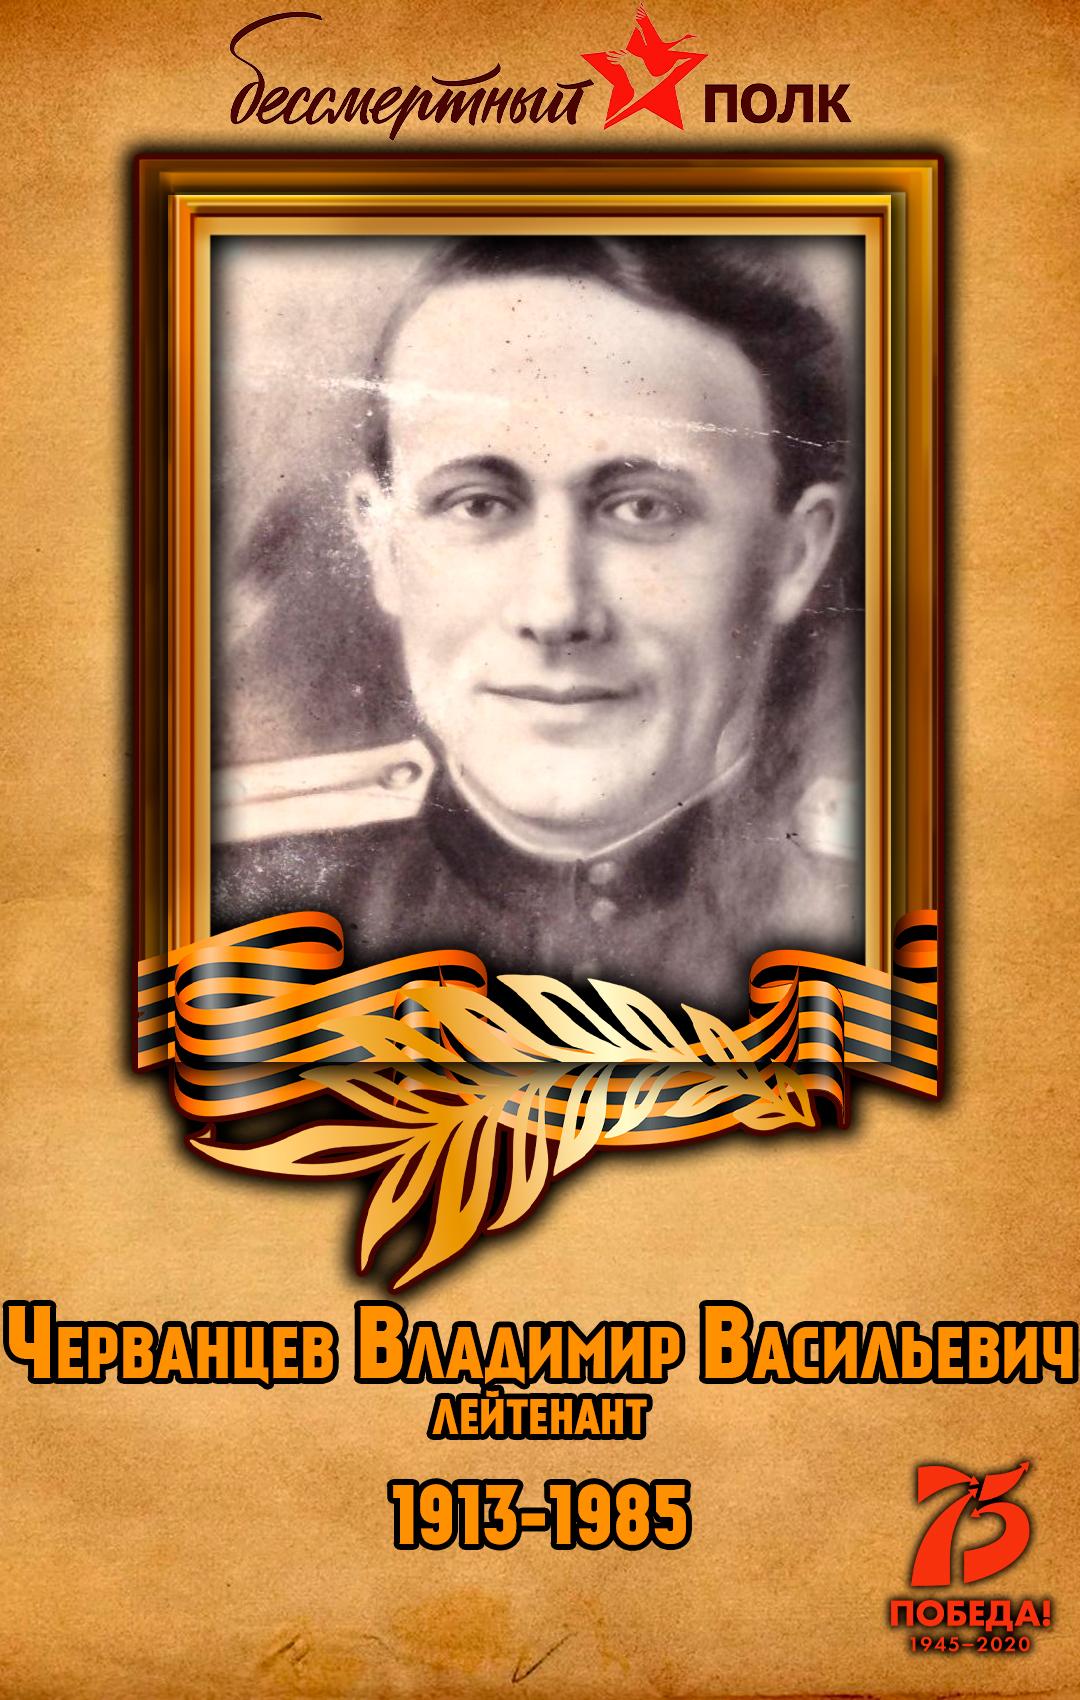 Черванцев-Владимир-Васильевич